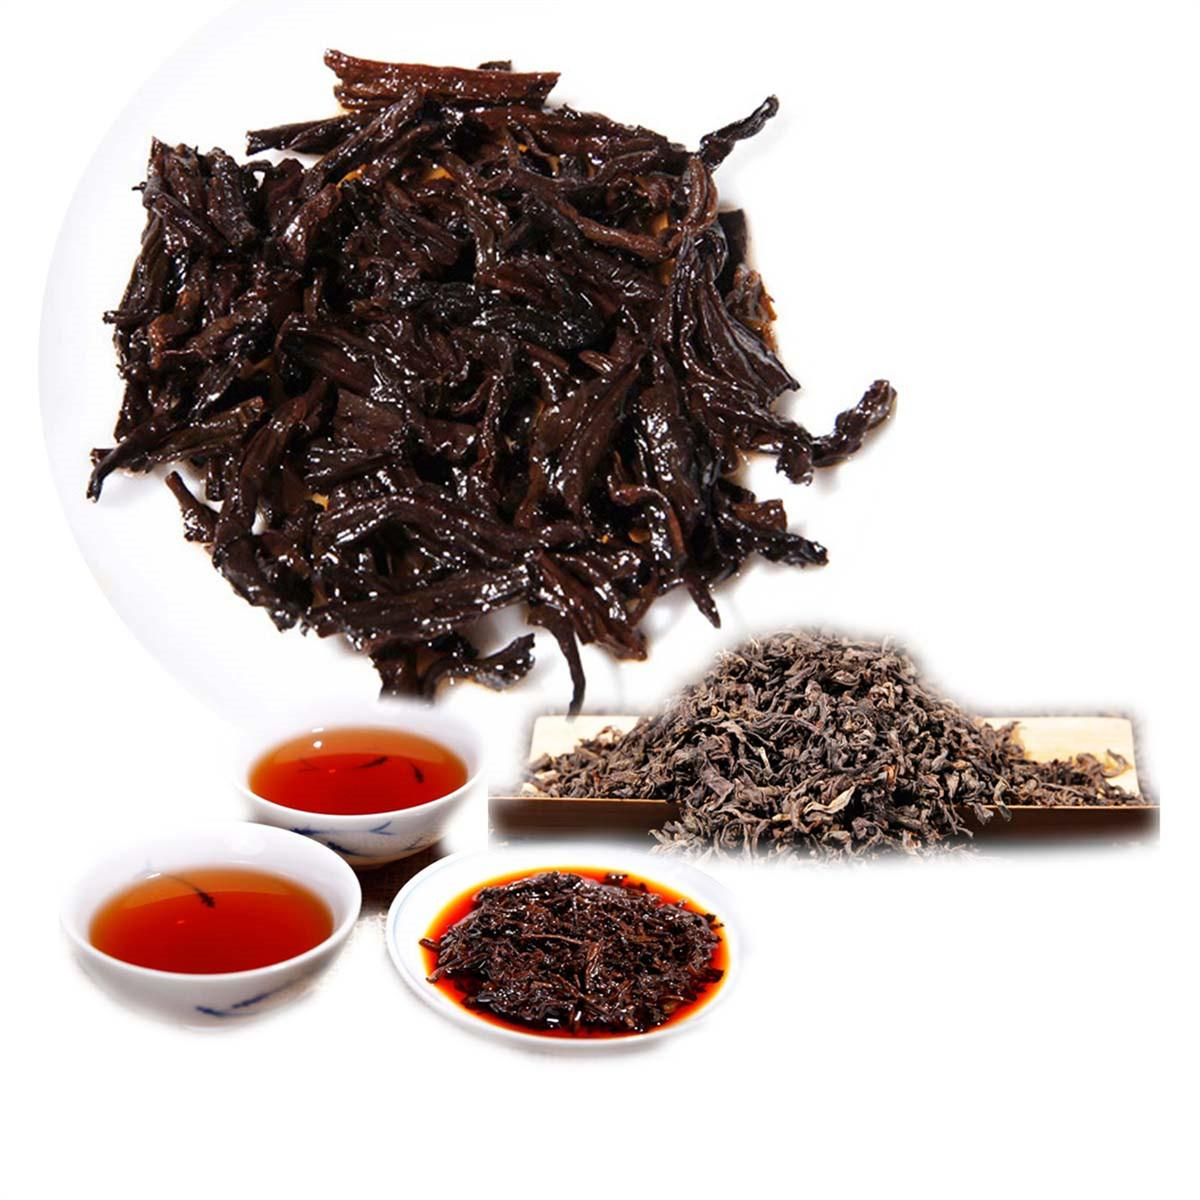 Tercih Olgun Puer Çay Yunnan Gevşek Puer Çay Organik Doğal Pu'er Eski Ağacı Puer Siyah Puerh Çay Pişmiş